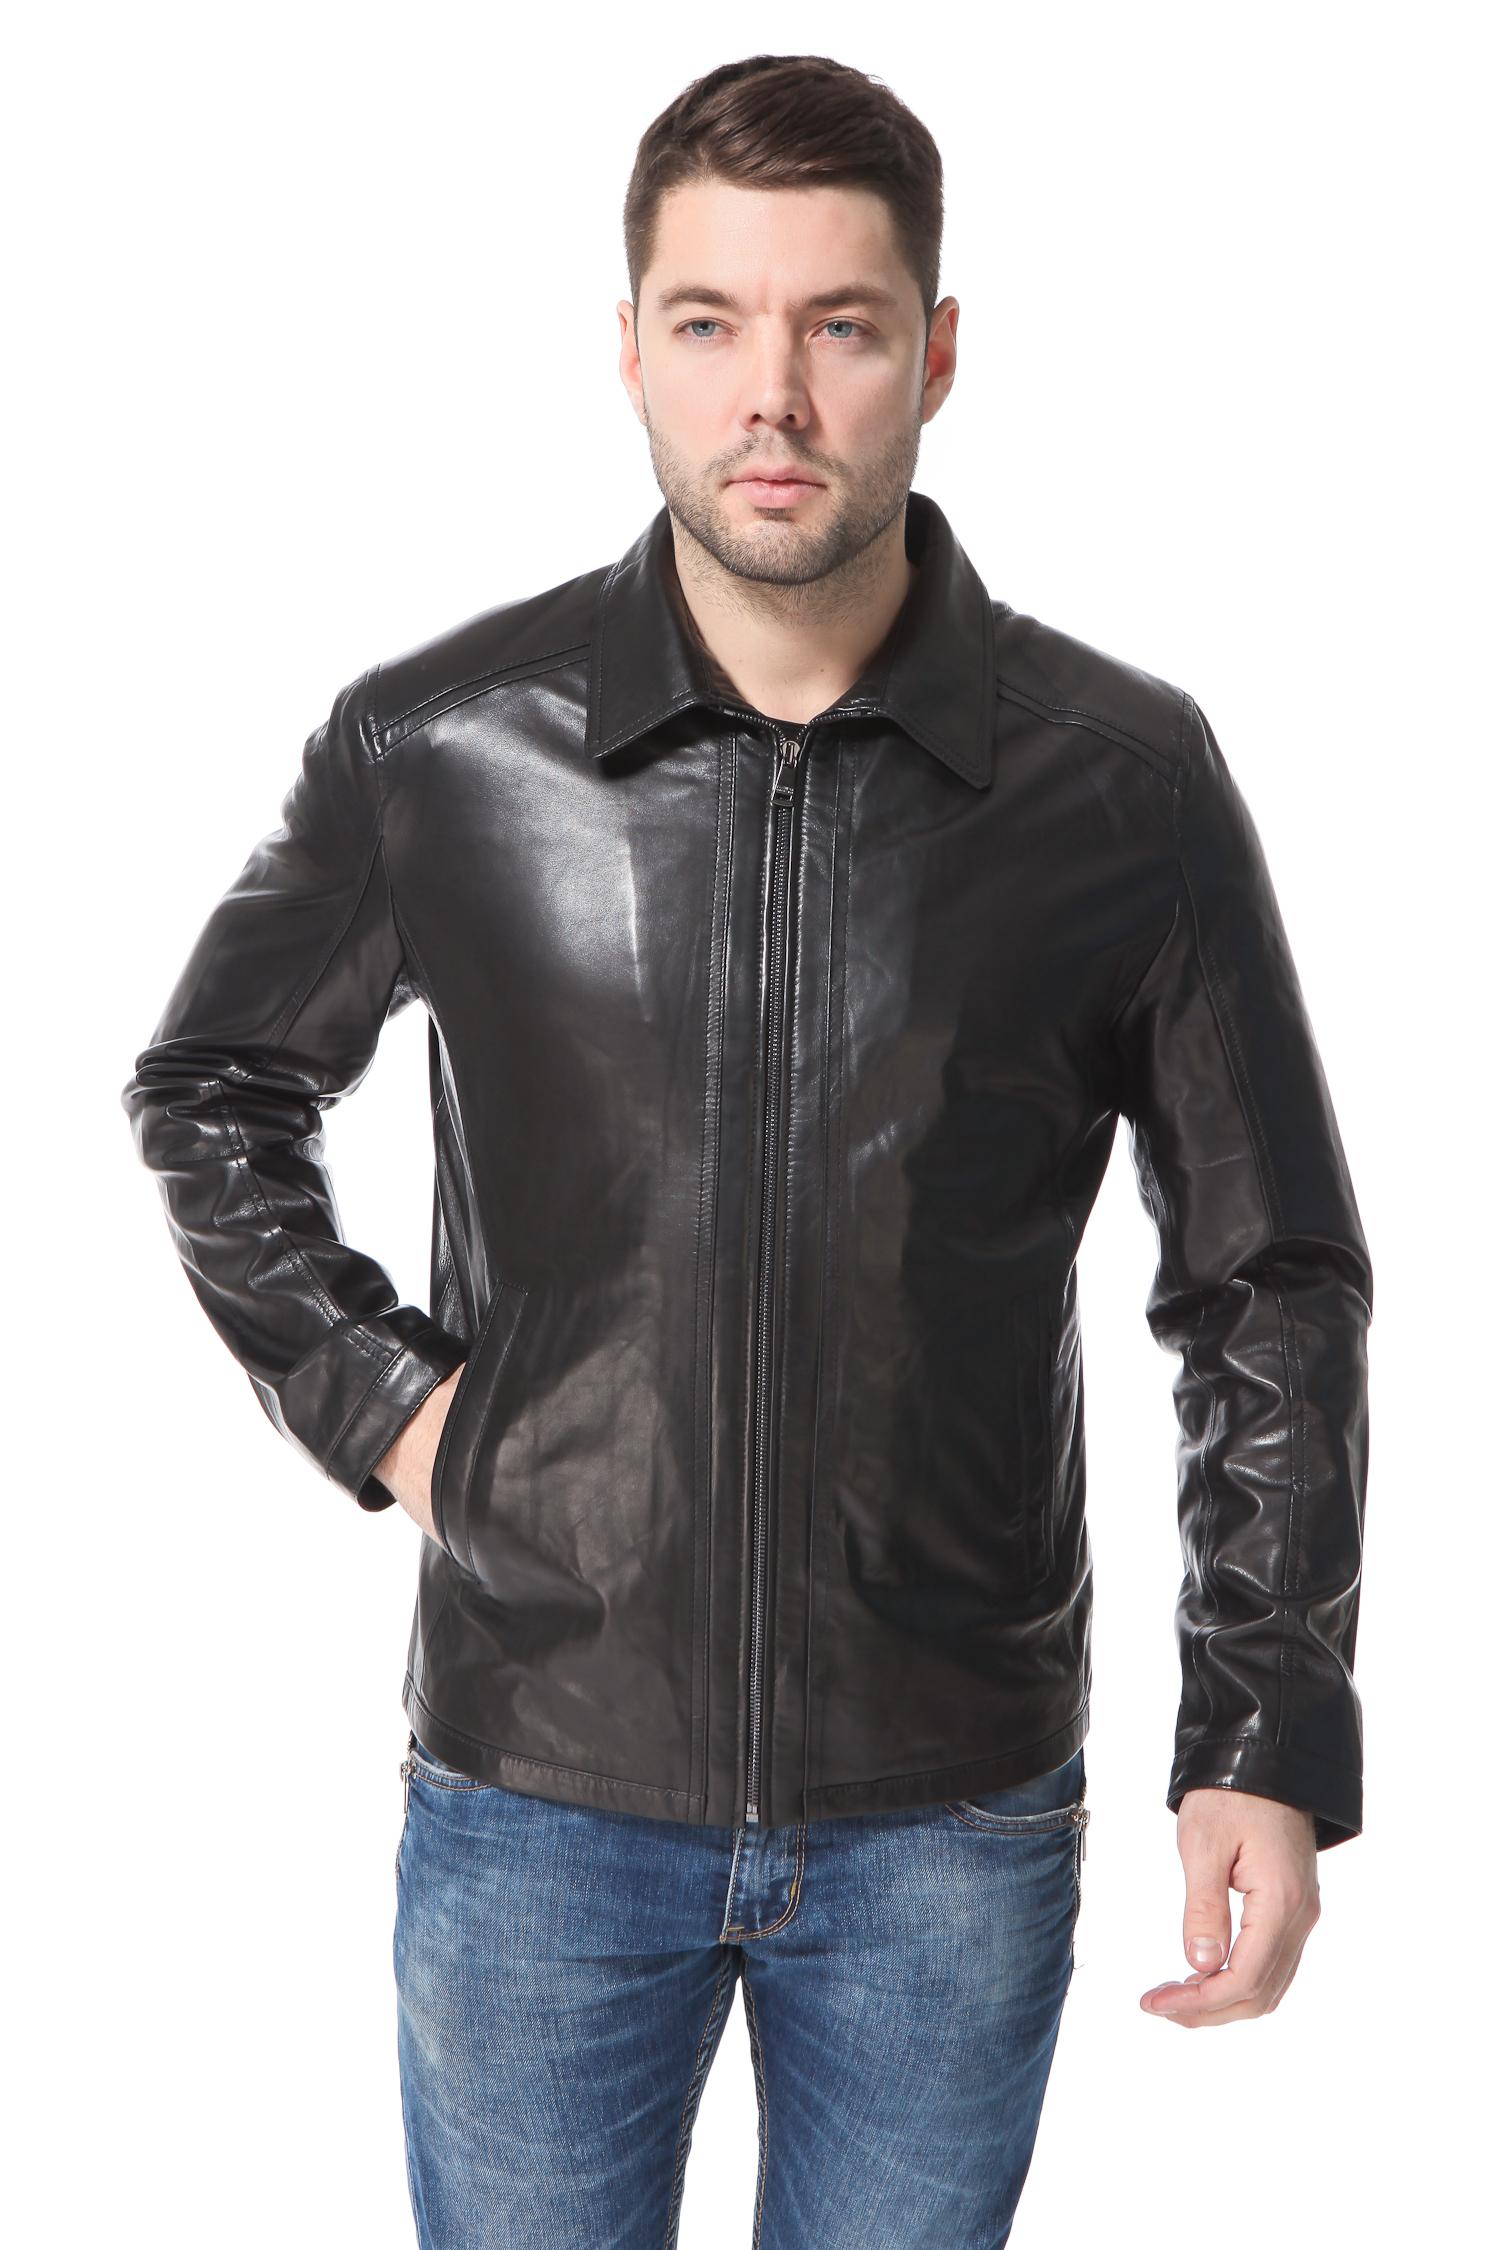 Мужская кожаная куртка из натуральной кожи<br><br>Длина см: Короткая (51-74 )<br>Материал: Кожа овчина<br>Цвет: черный<br>Застежка: на молнии<br>Пол: Мужской<br>Размер RU: 60